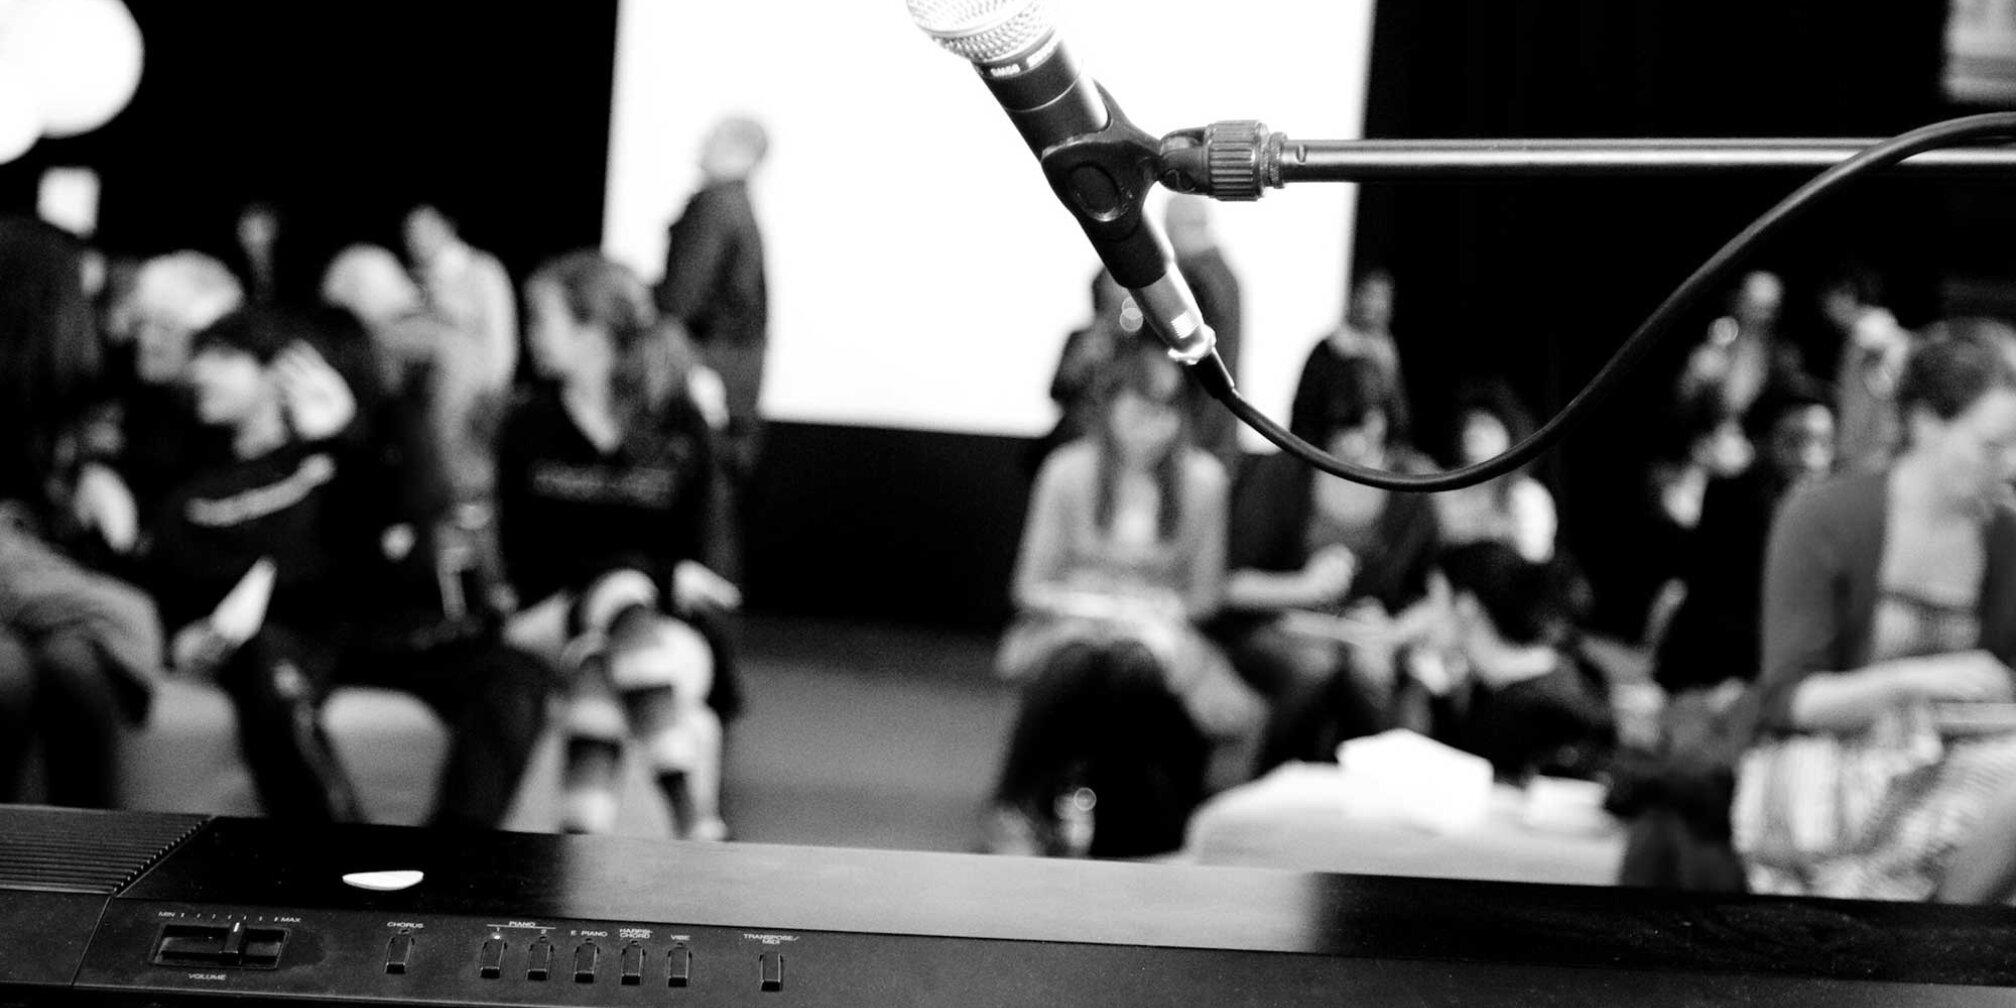 Soundcheck, 2009 at Zabludowicz Collection, London